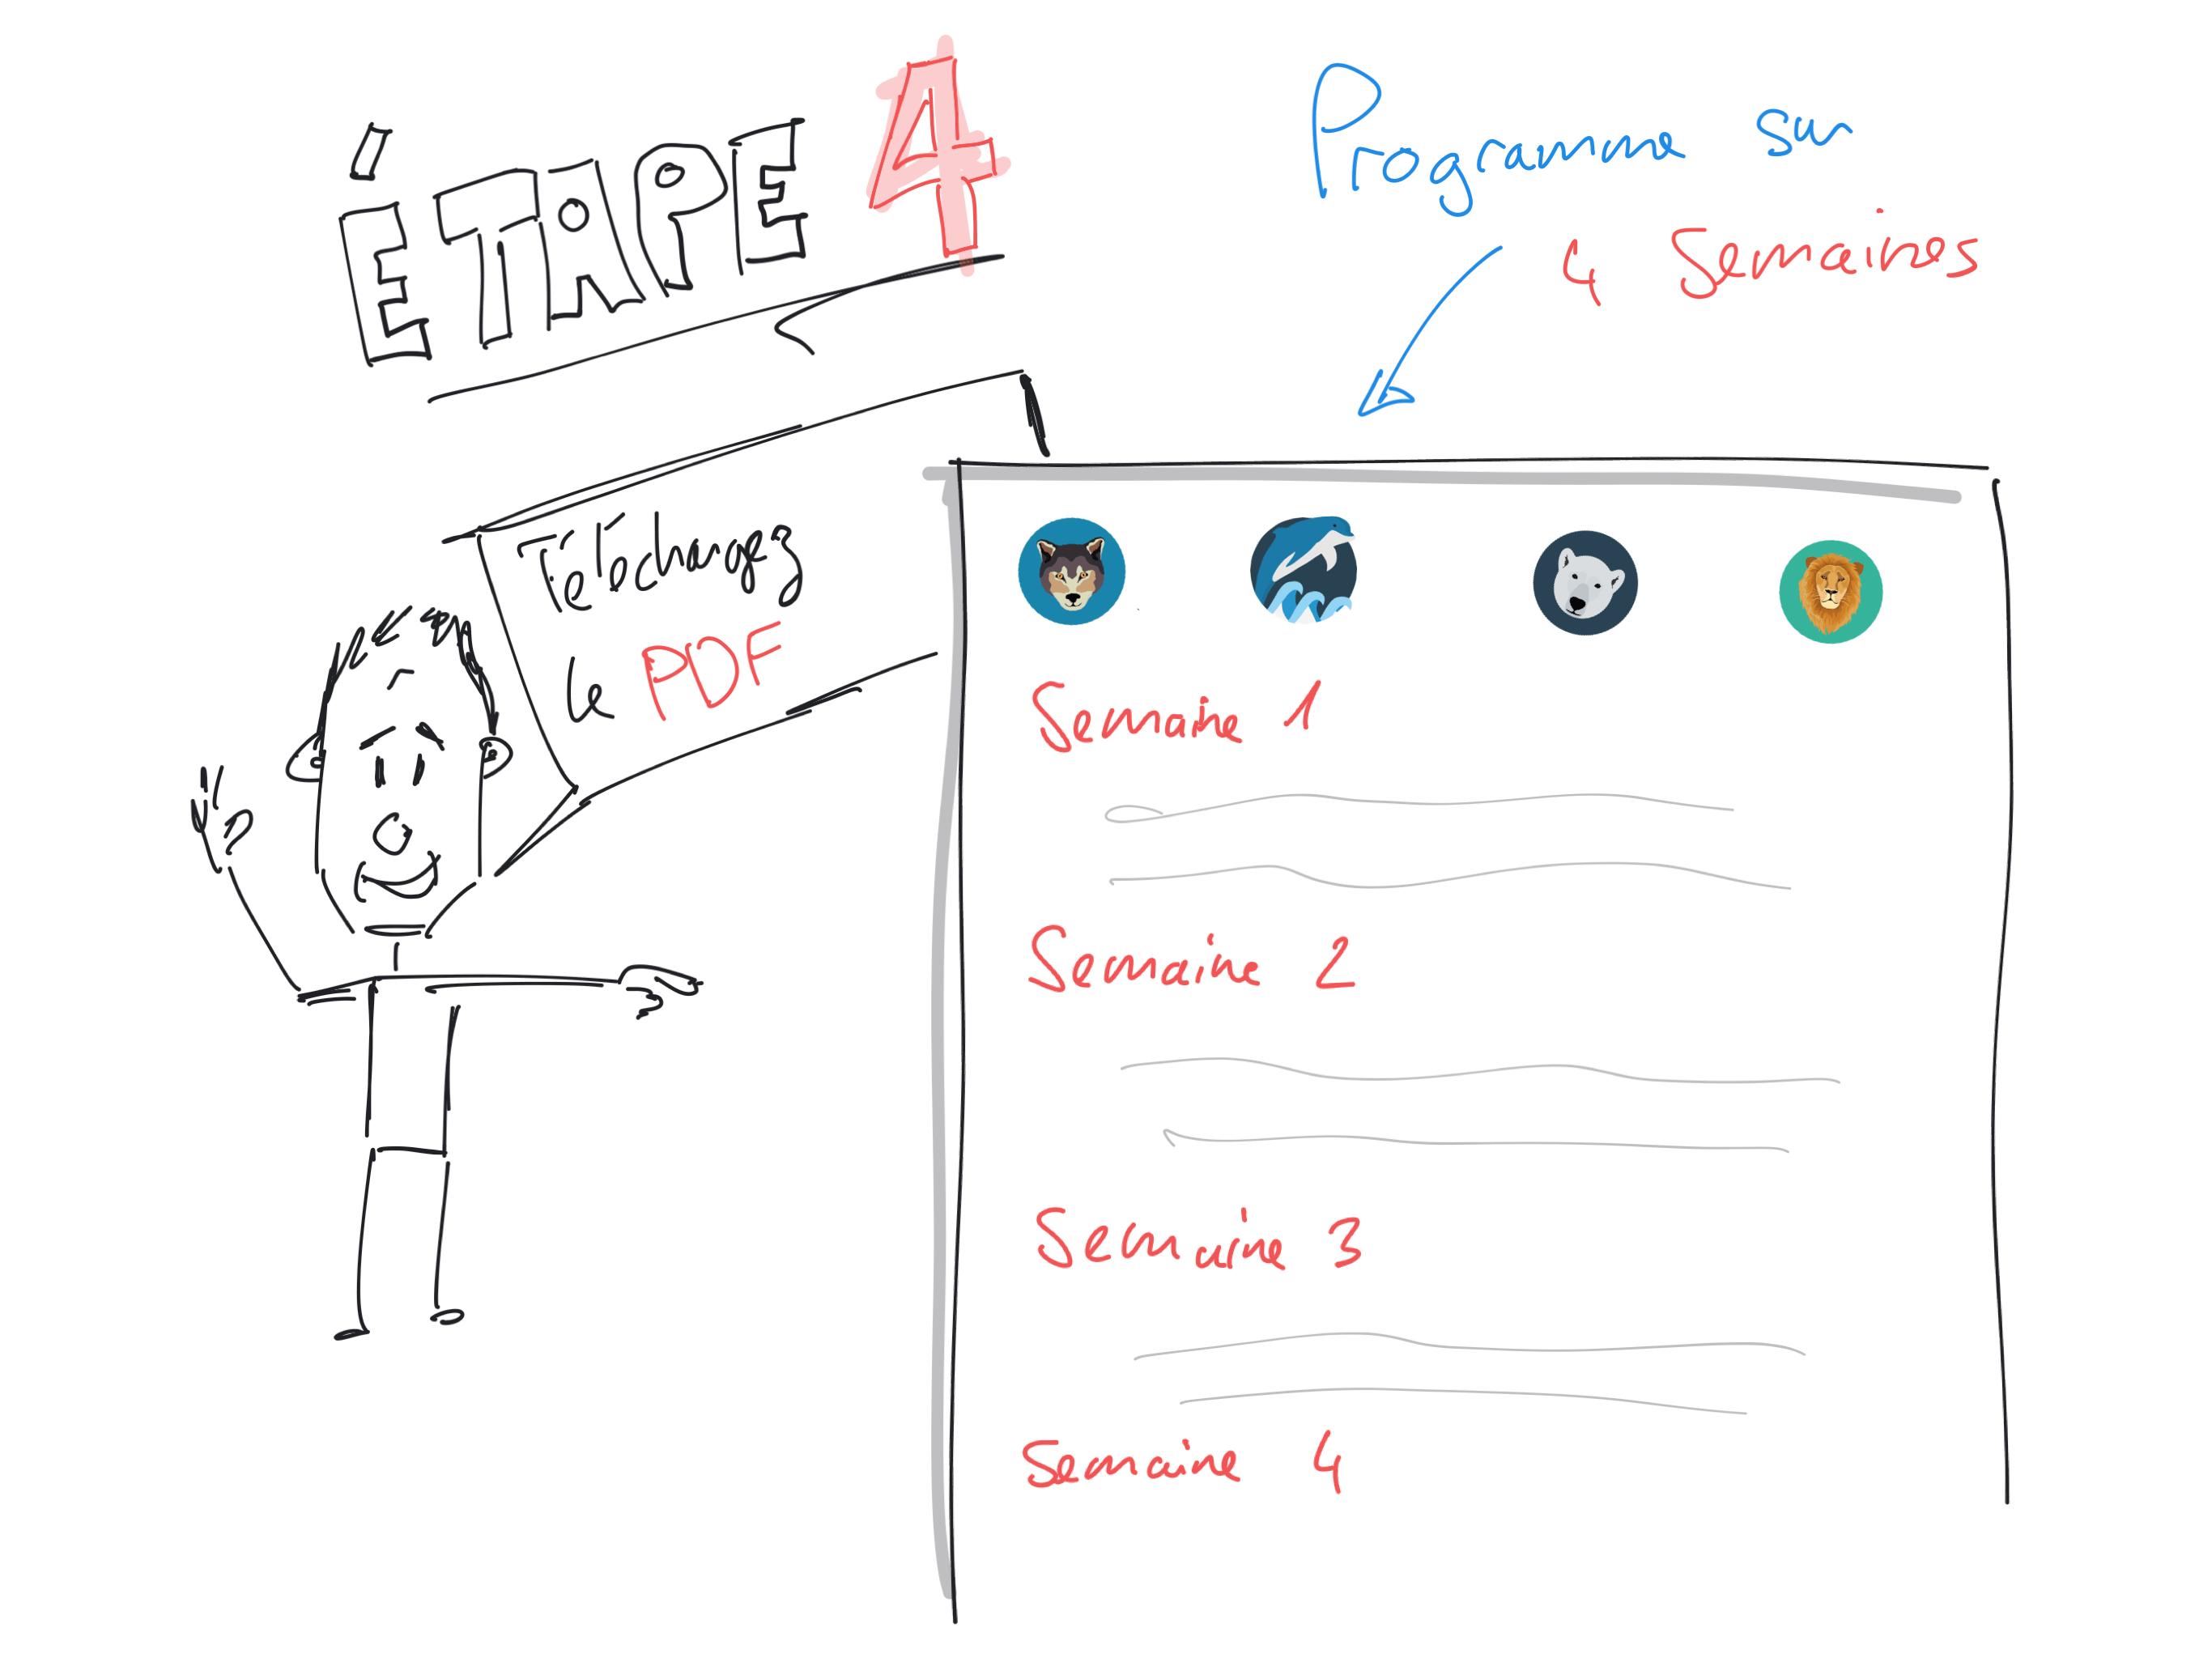 Programme PDF cycle circadien